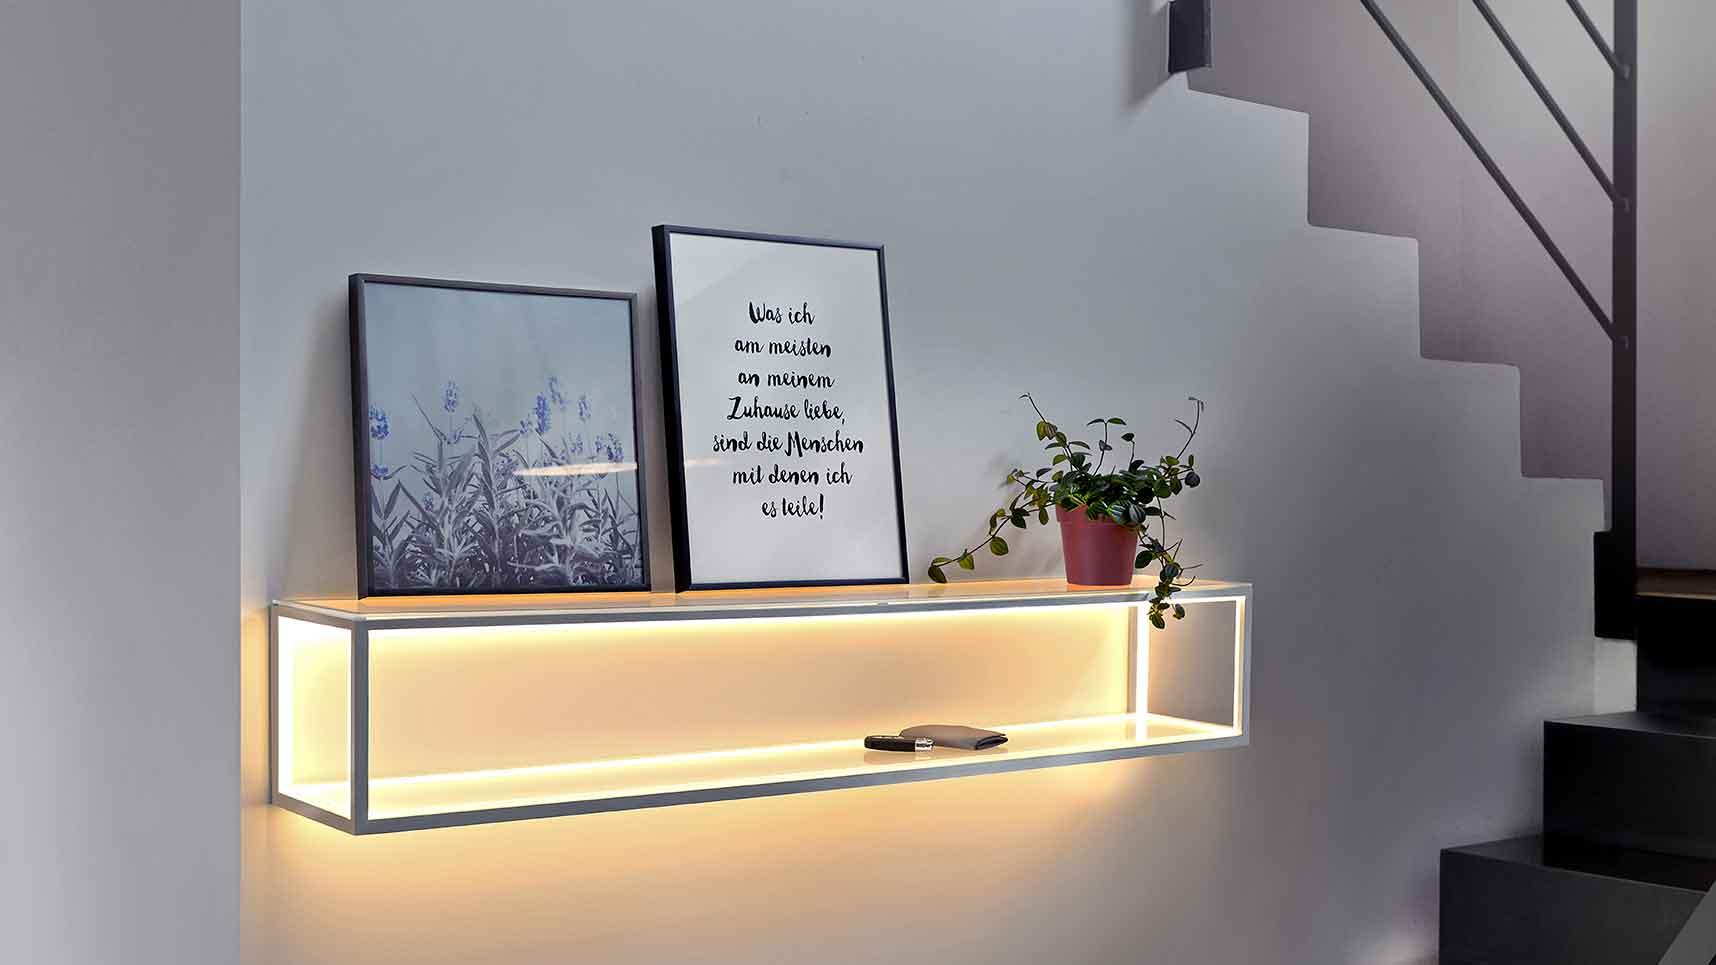 Full Size of Lampen Leuchten Moderne Designs Groe Auswahl Deckenleuchte Wohnzimmer Deckenlampen Badezimmer Landhausküche Küche Bad Led Modernes Bett 180x200 Designer Wohnzimmer Moderne Lampen